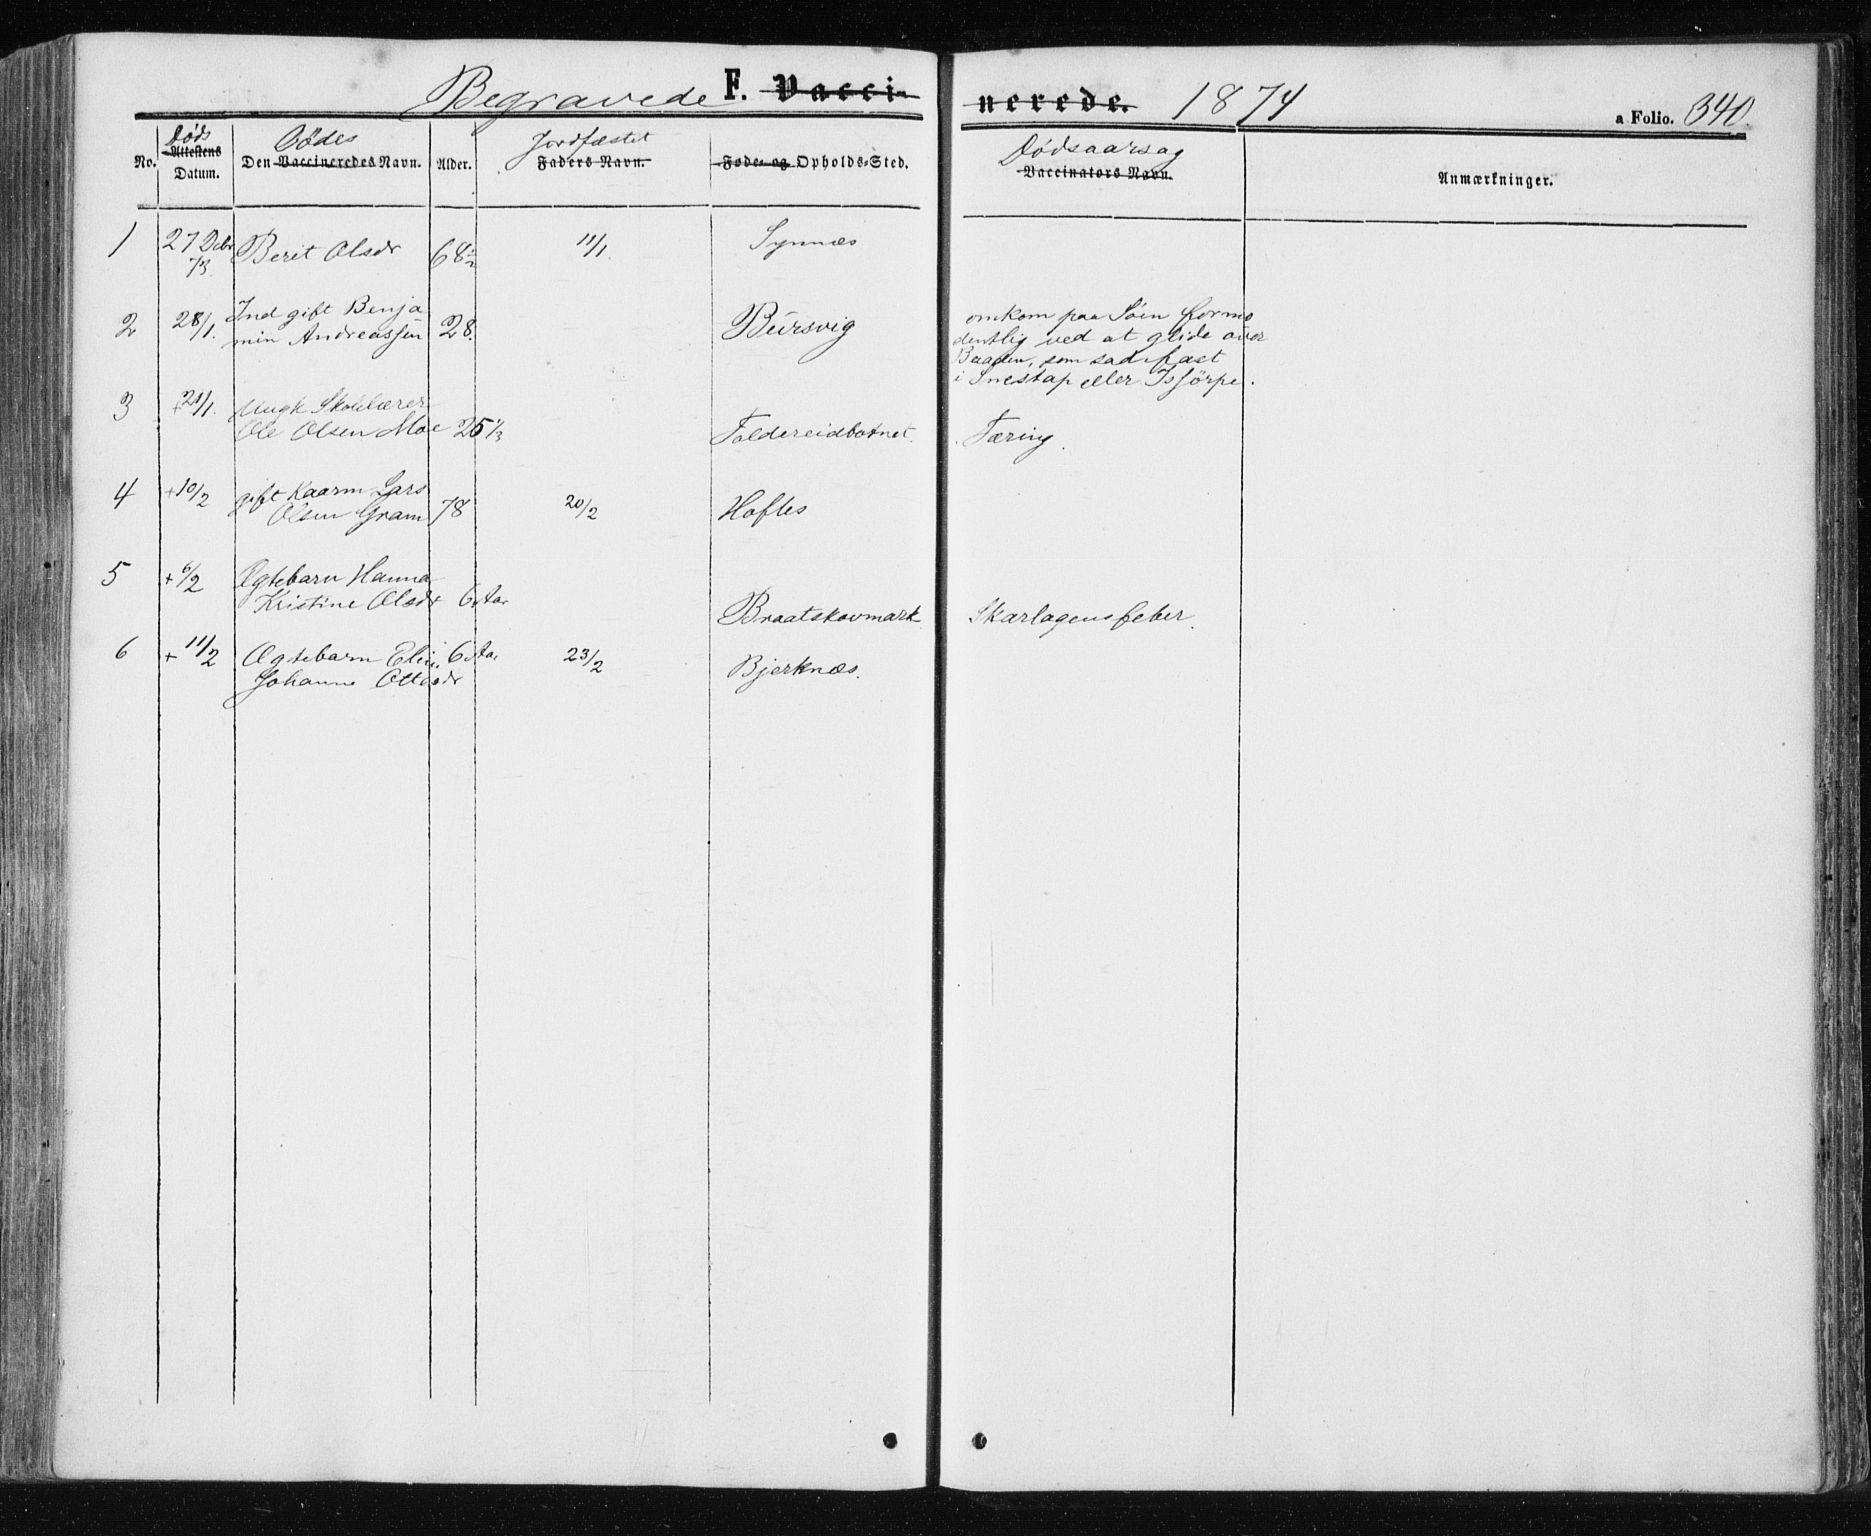 SAT, Ministerialprotokoller, klokkerbøker og fødselsregistre - Nord-Trøndelag, 780/L0641: Ministerialbok nr. 780A06, 1857-1874, s. 340